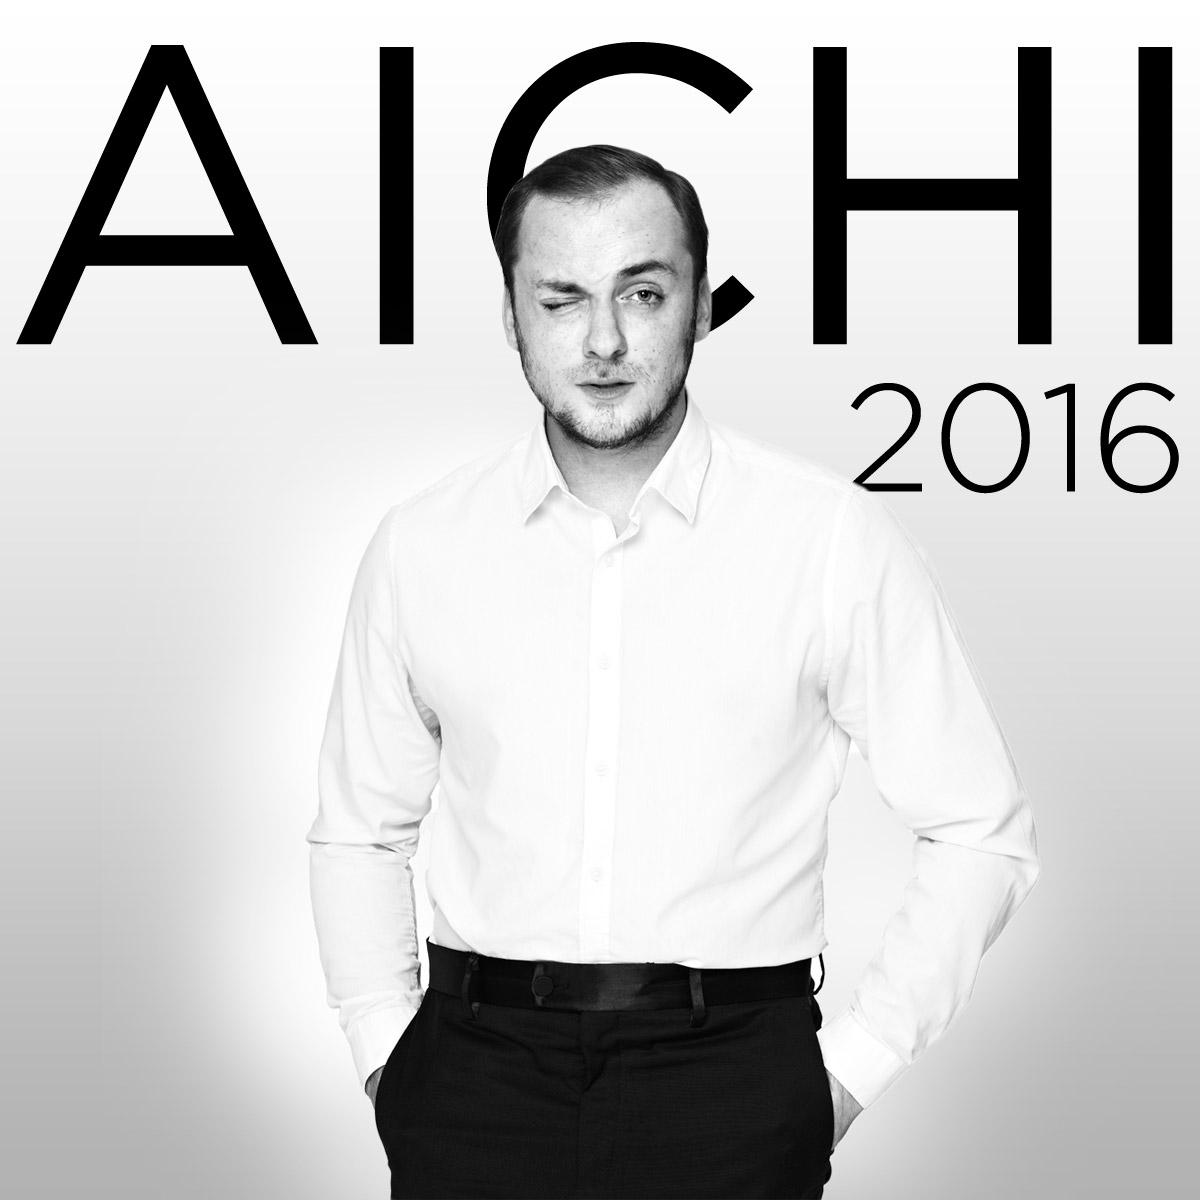 AICHI 2016 štartuje – na otázky ohľadom projektu nám odpovedal manažér projektu AICHI, Vojtěch Kaštánek.